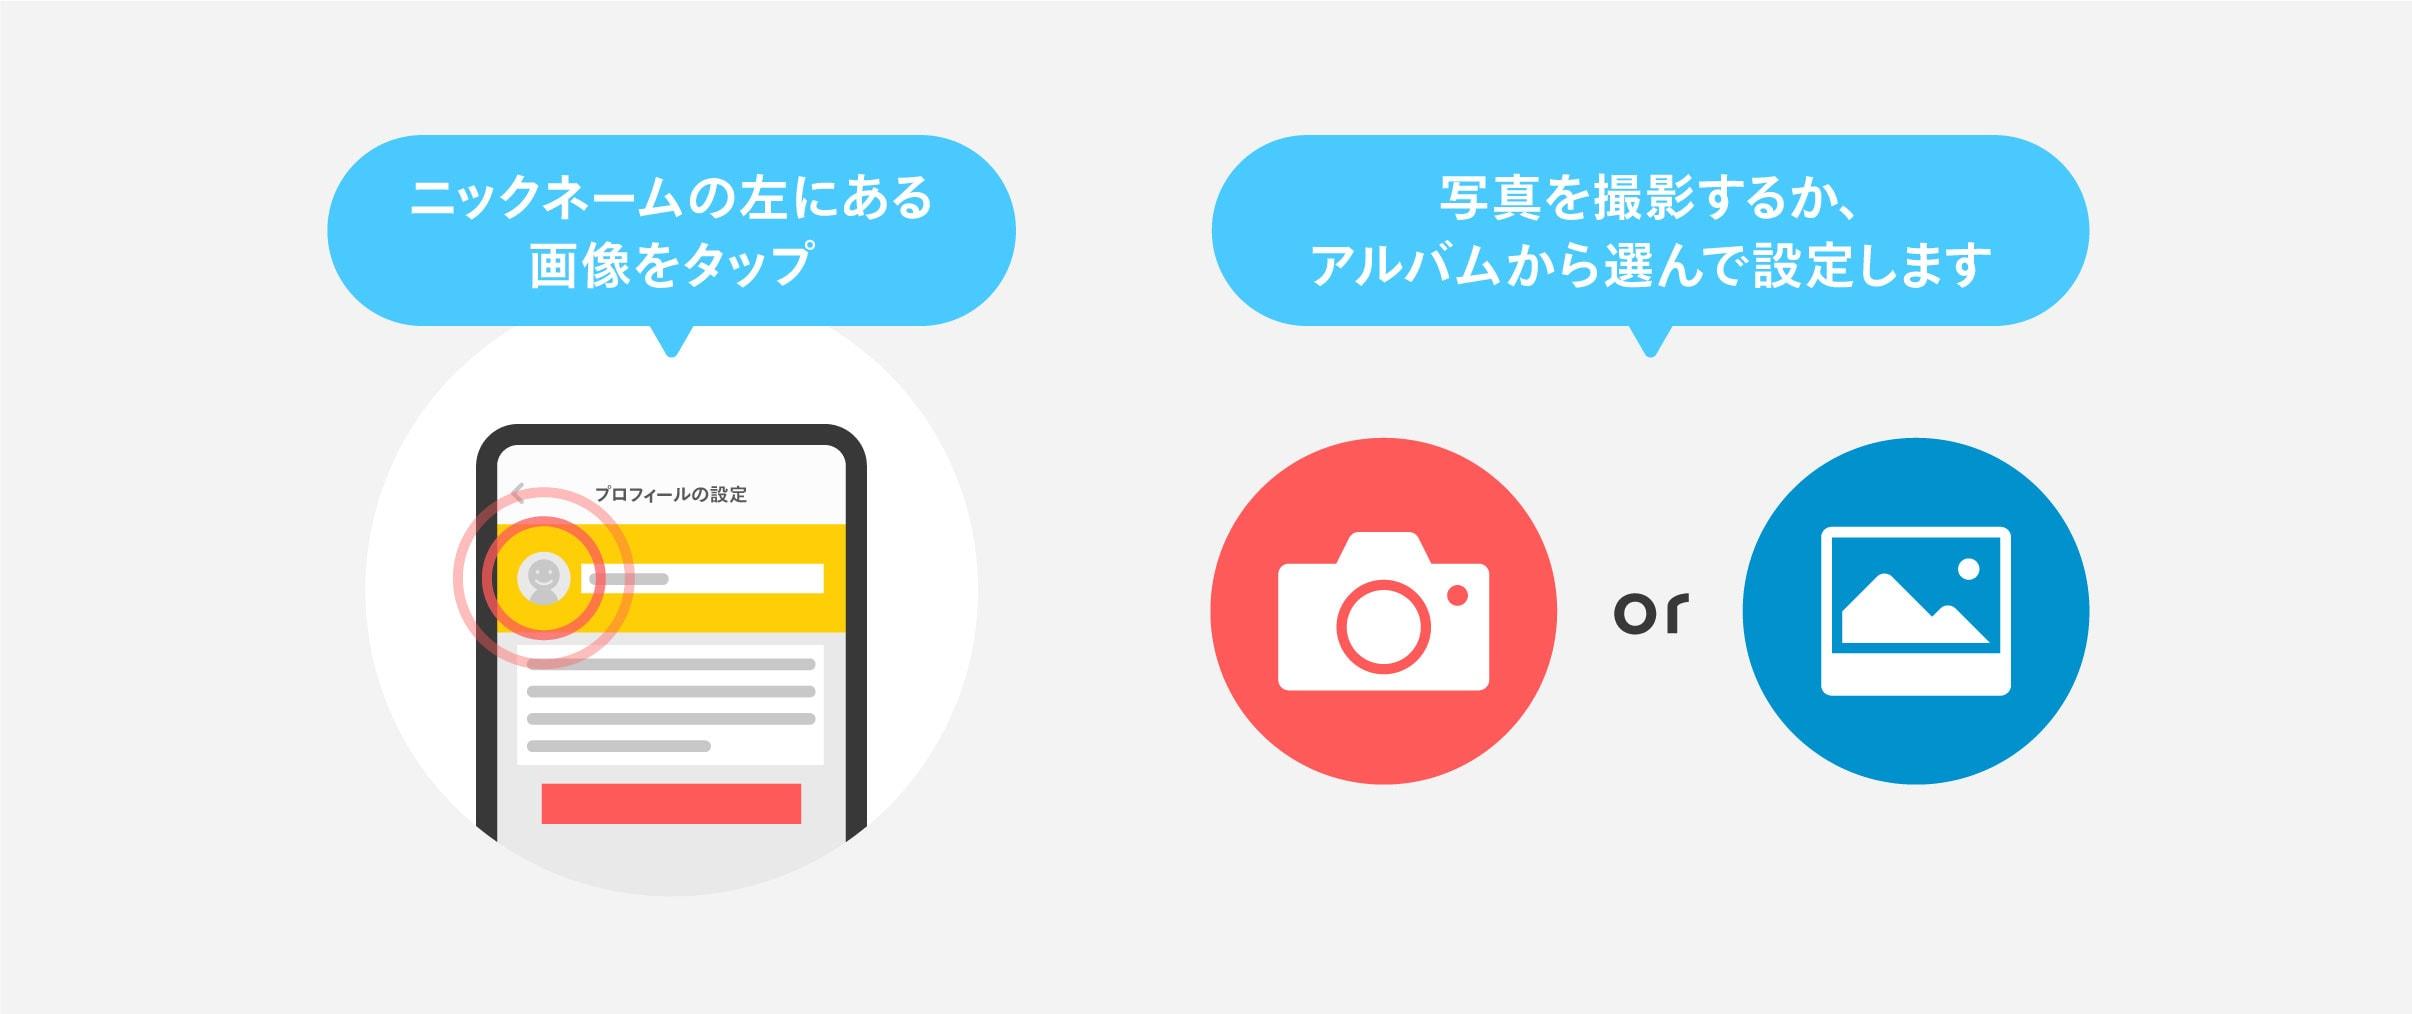 アイコン写真の設定方法